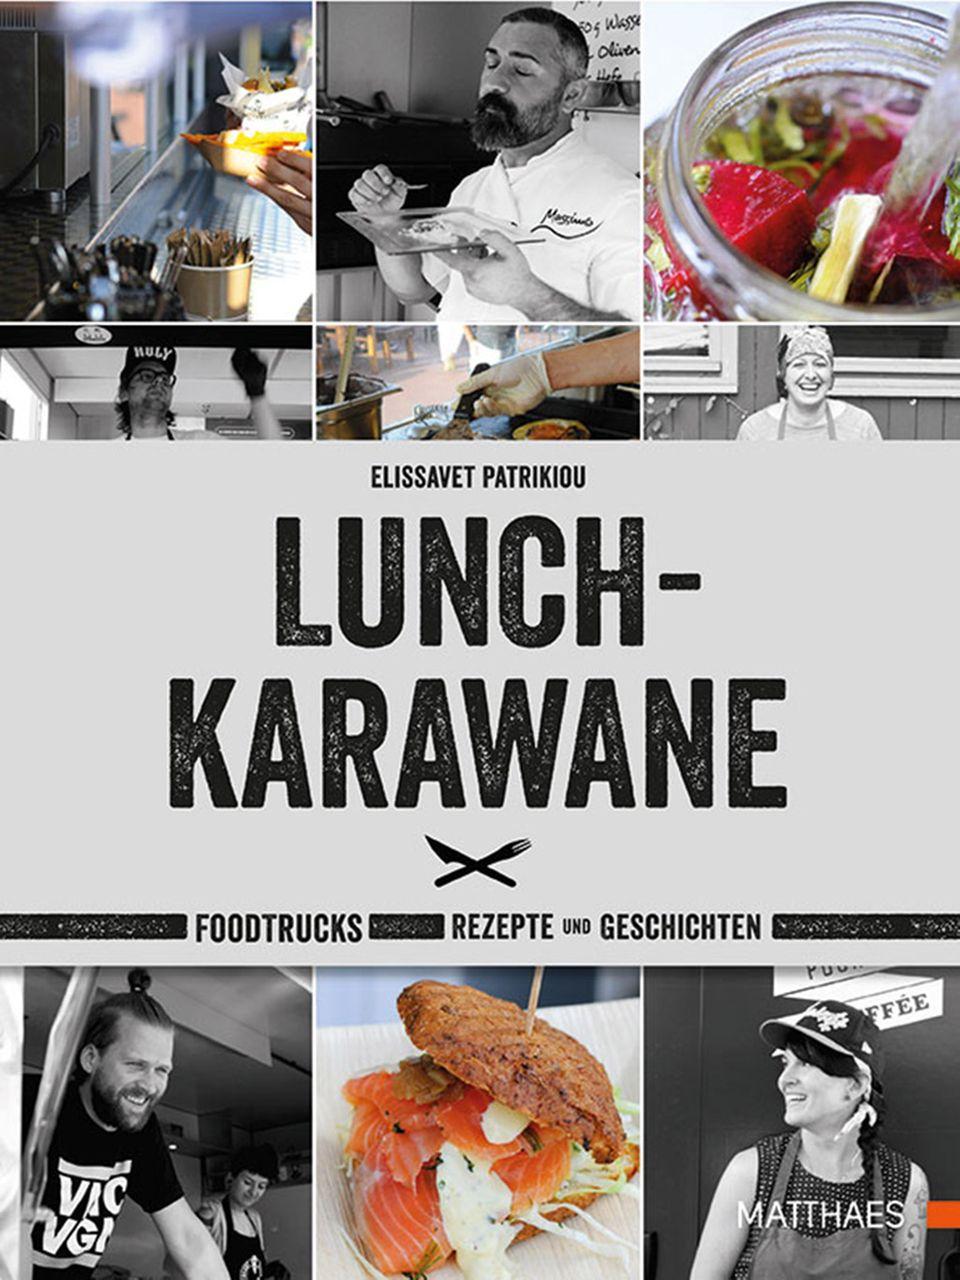 Foodtrucks, Rezepte und Geschichten: Lunch-Karawane